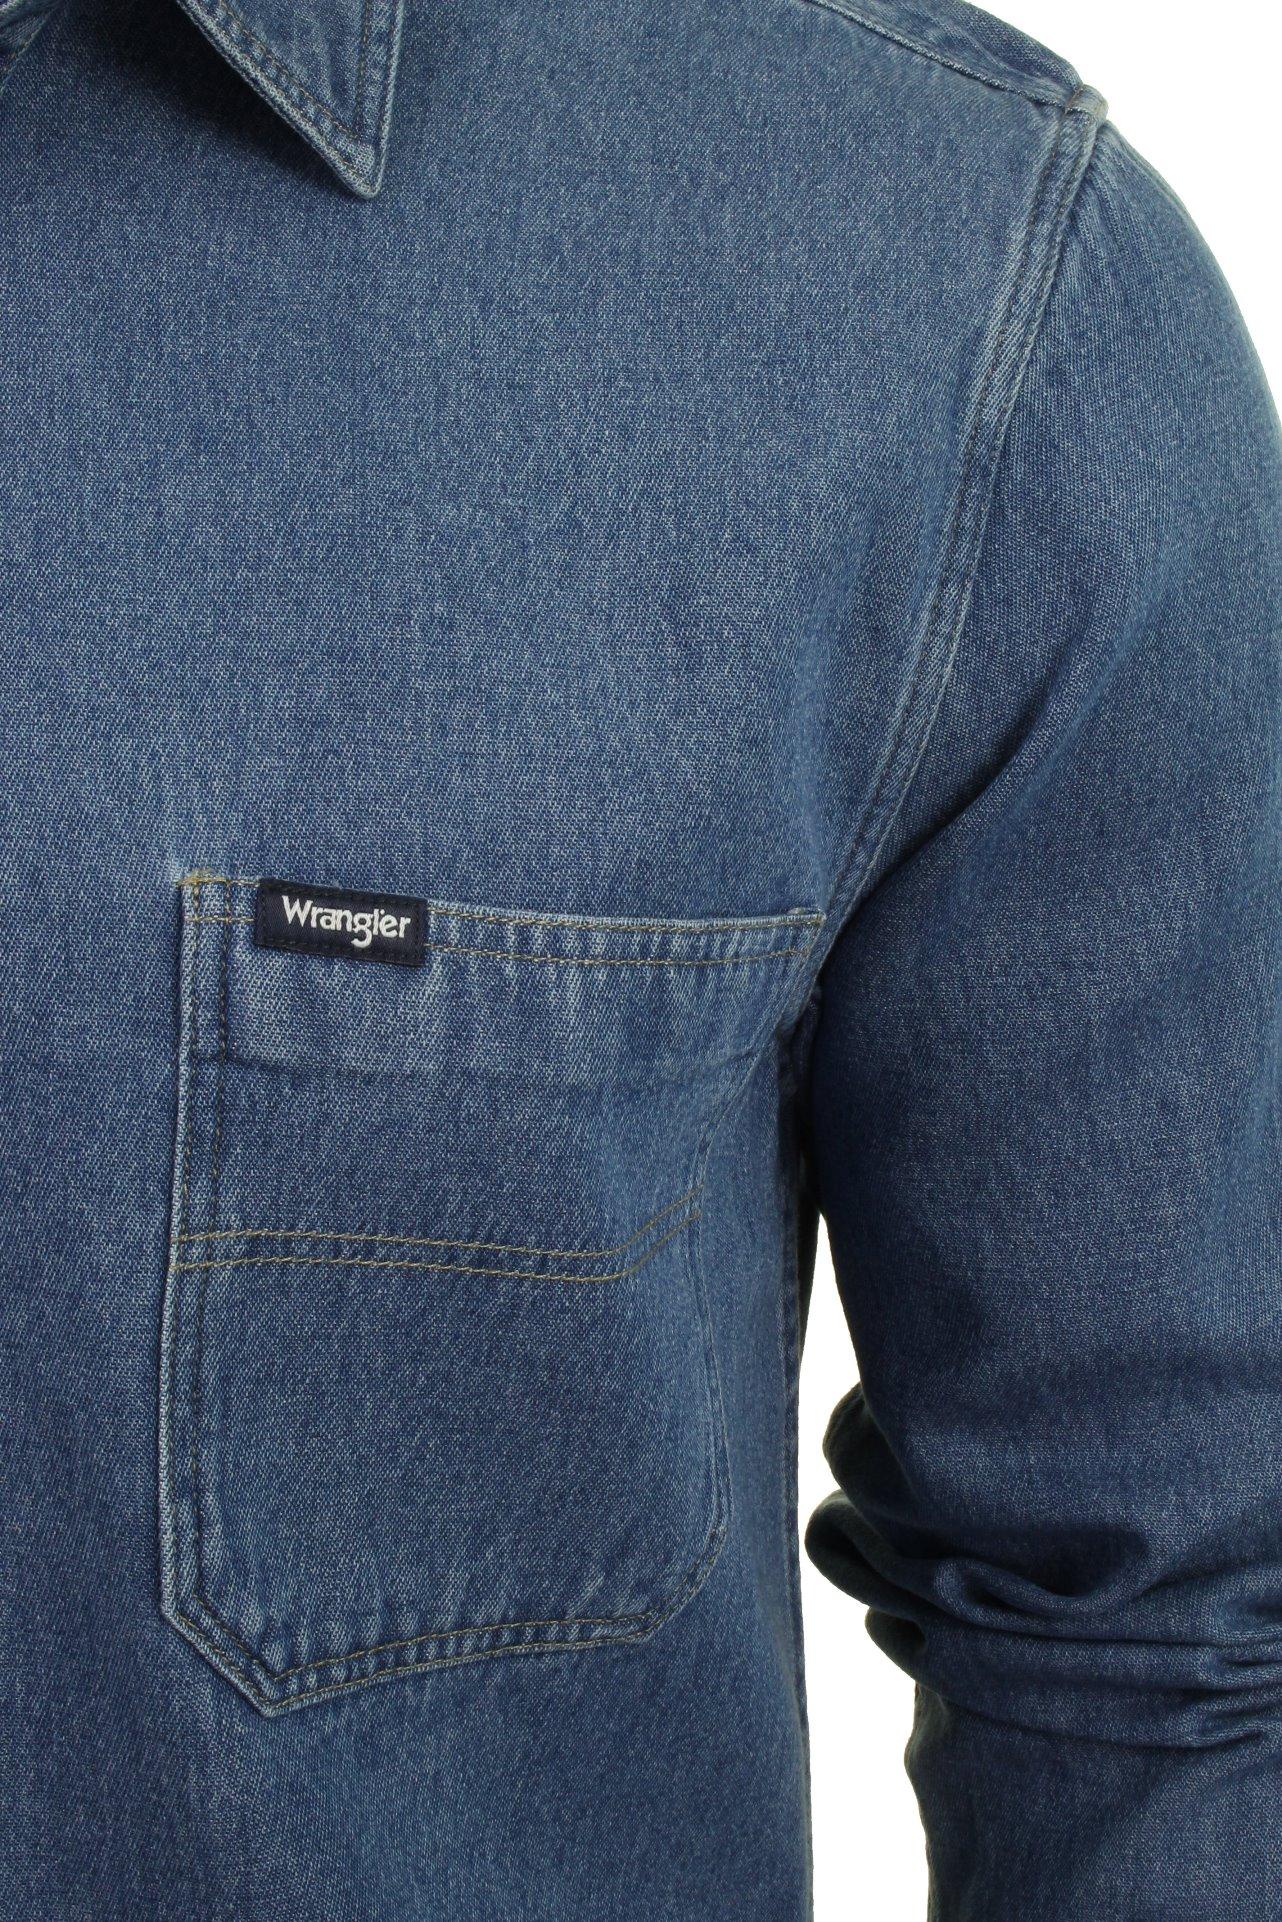 Mens Wrangler Utility Long Sleeved Denim Shirt